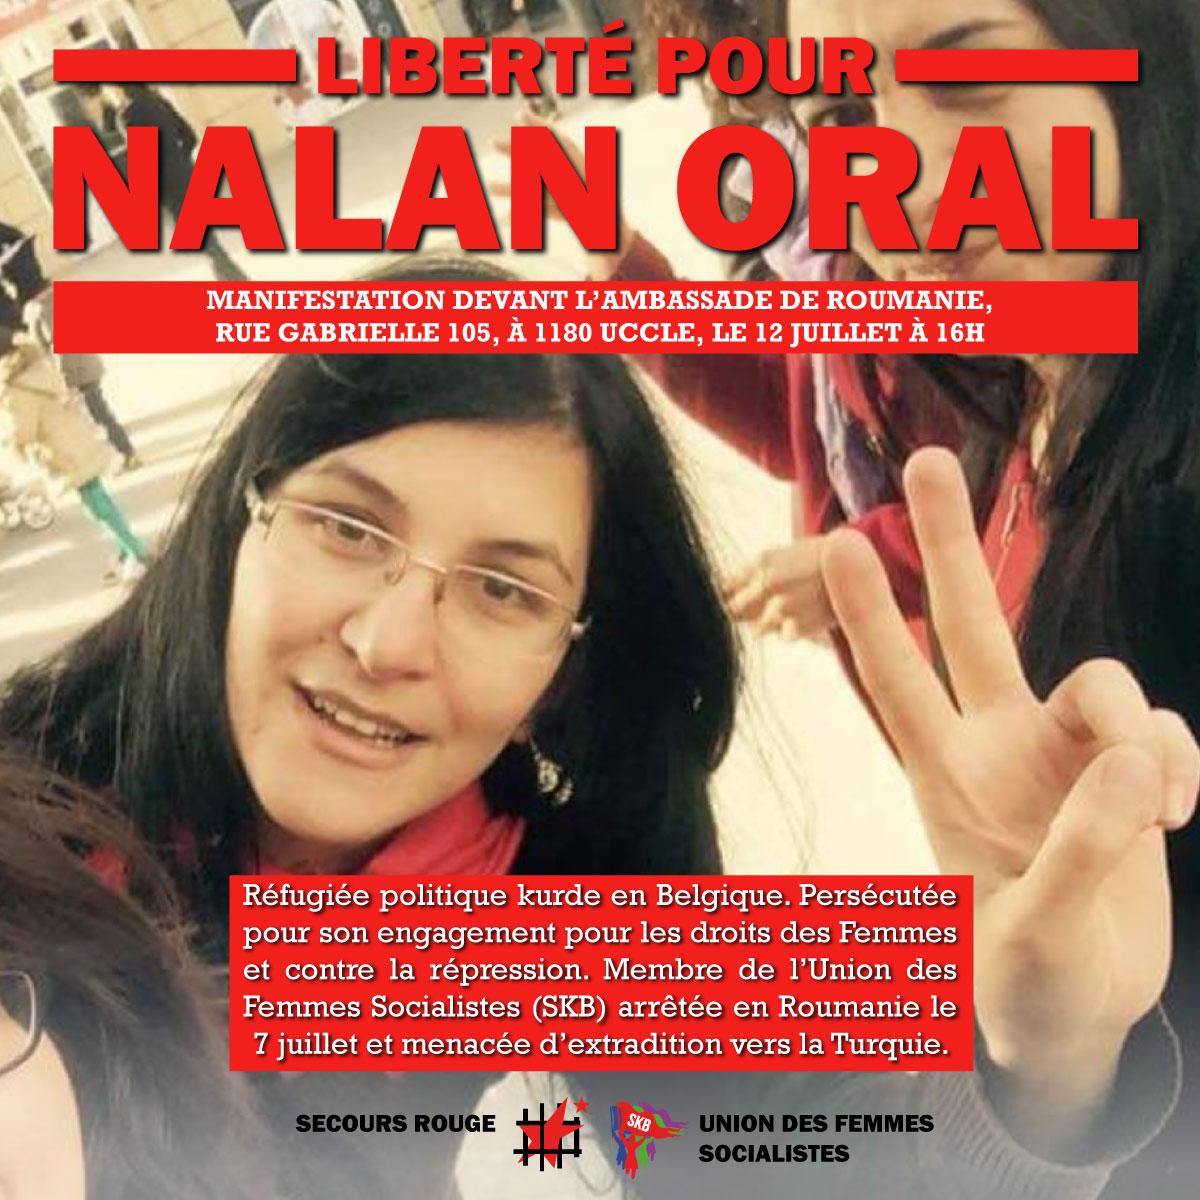 Liberté pour Nalan Oral !